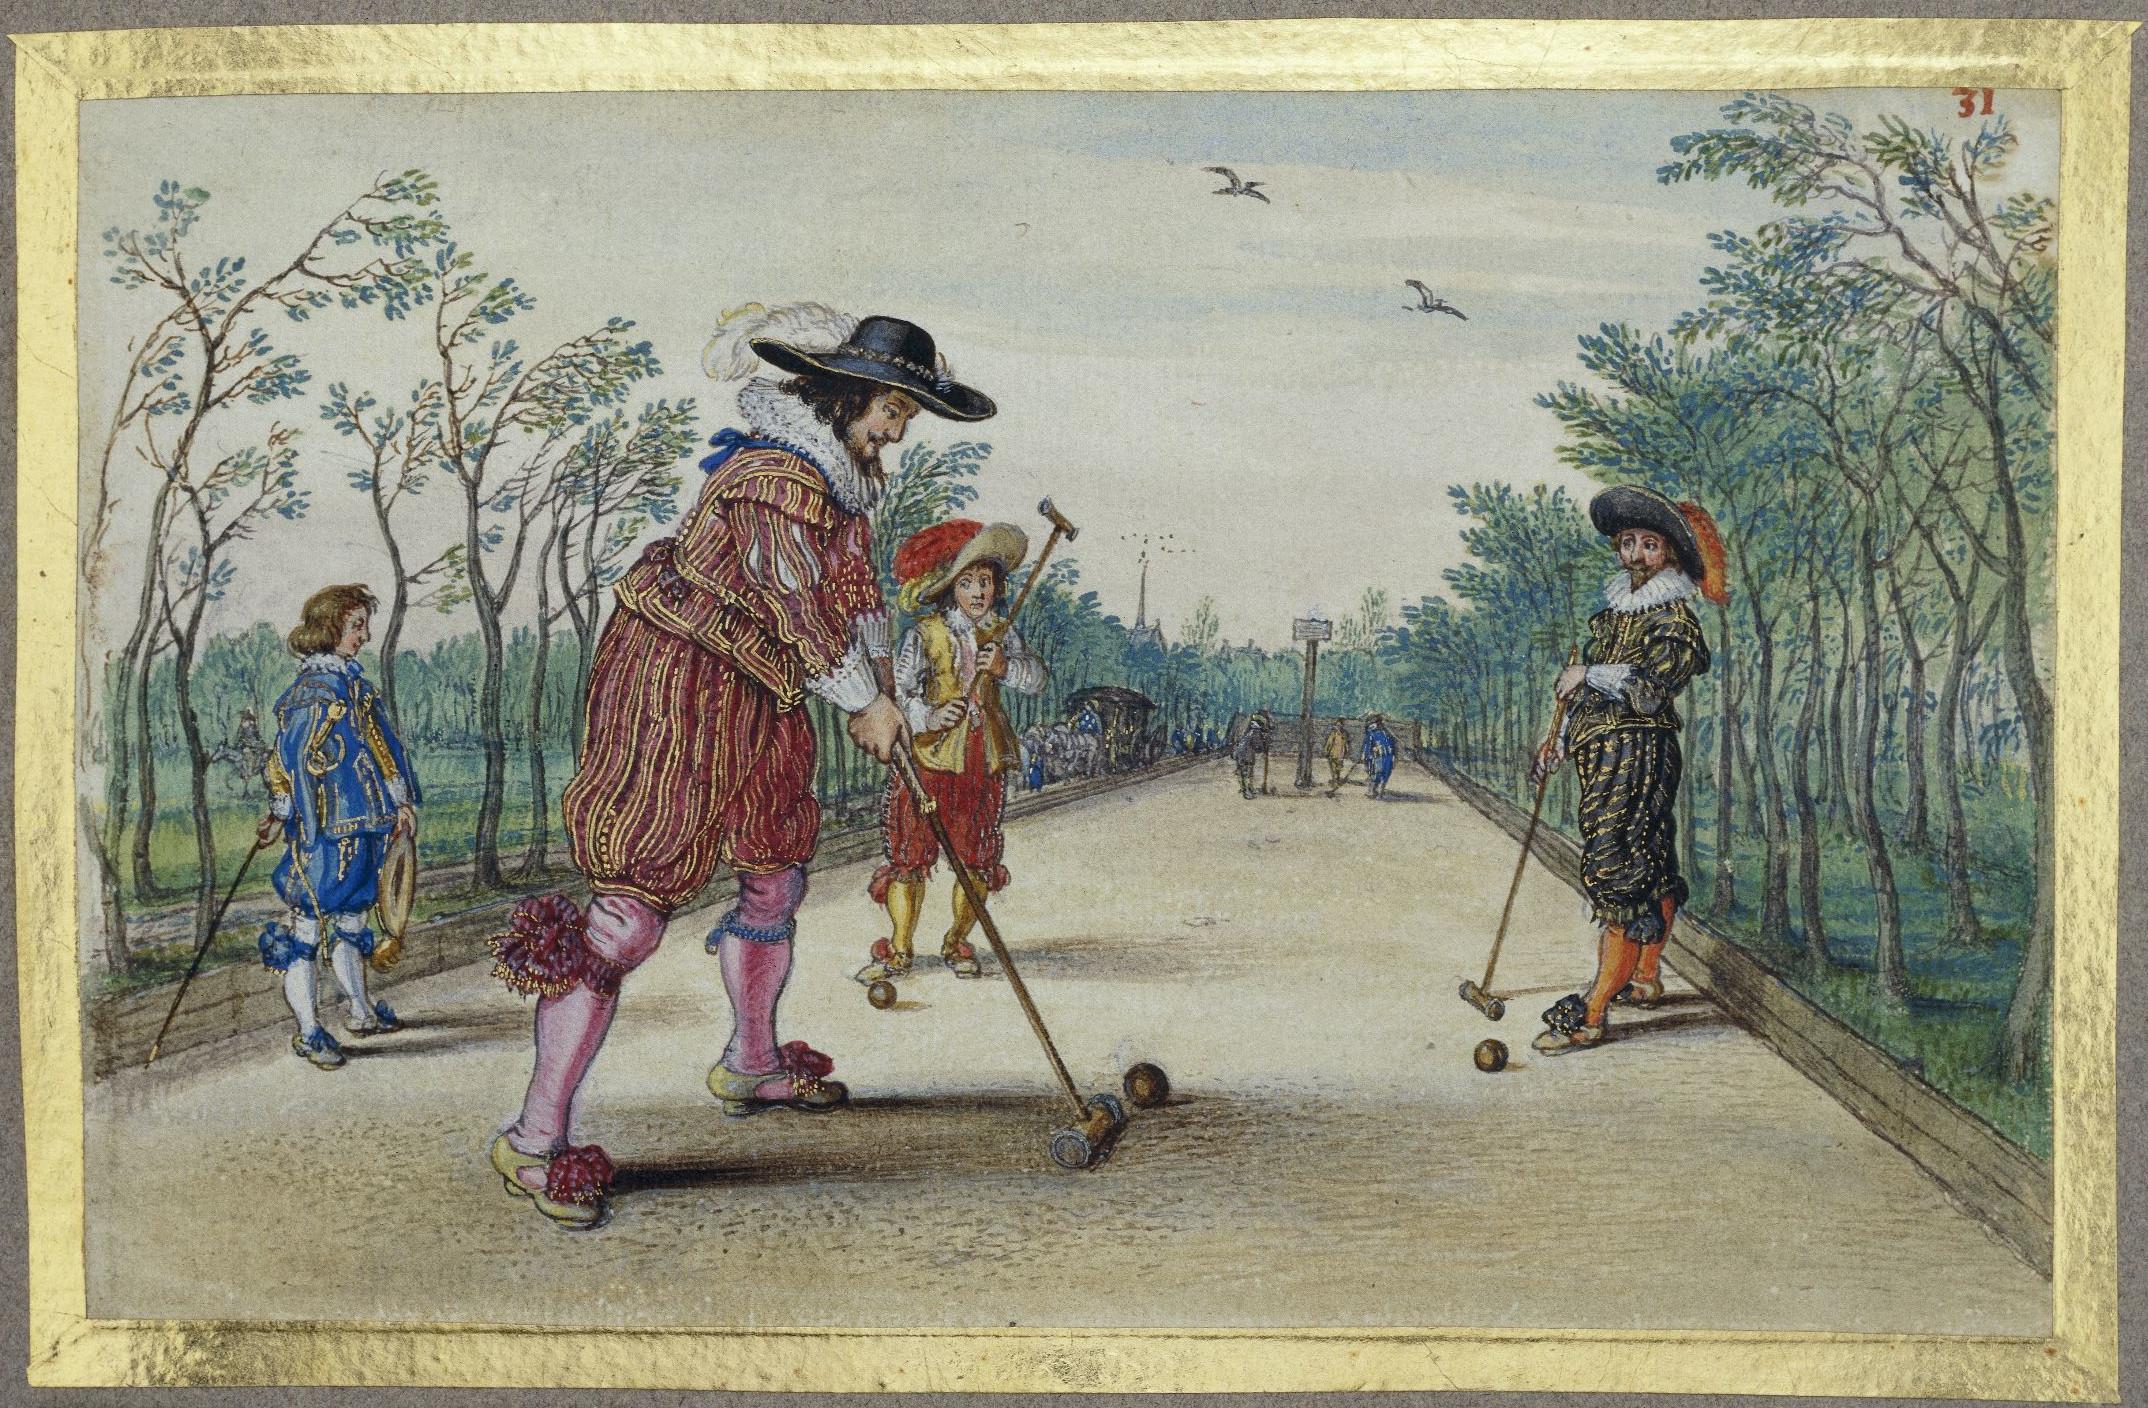 Adriaen van de Venne, Maliespel. Ca. 1620-1626